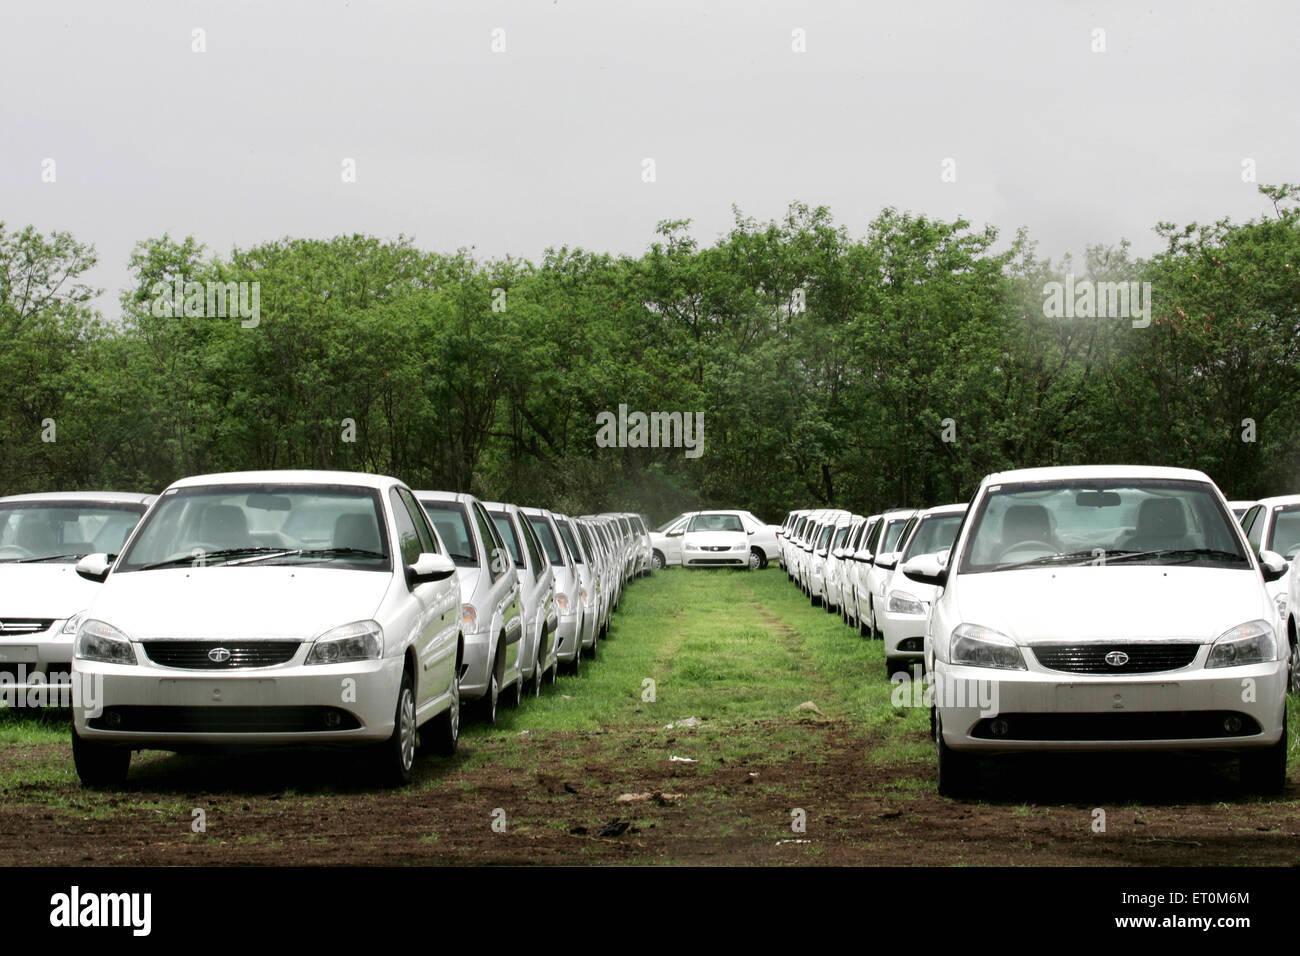 Tata motors new range commercial vehicles Tata Indigo parked at Tata motors Plant ; Pimpri near Pune ; Maharashtra - Stock Image